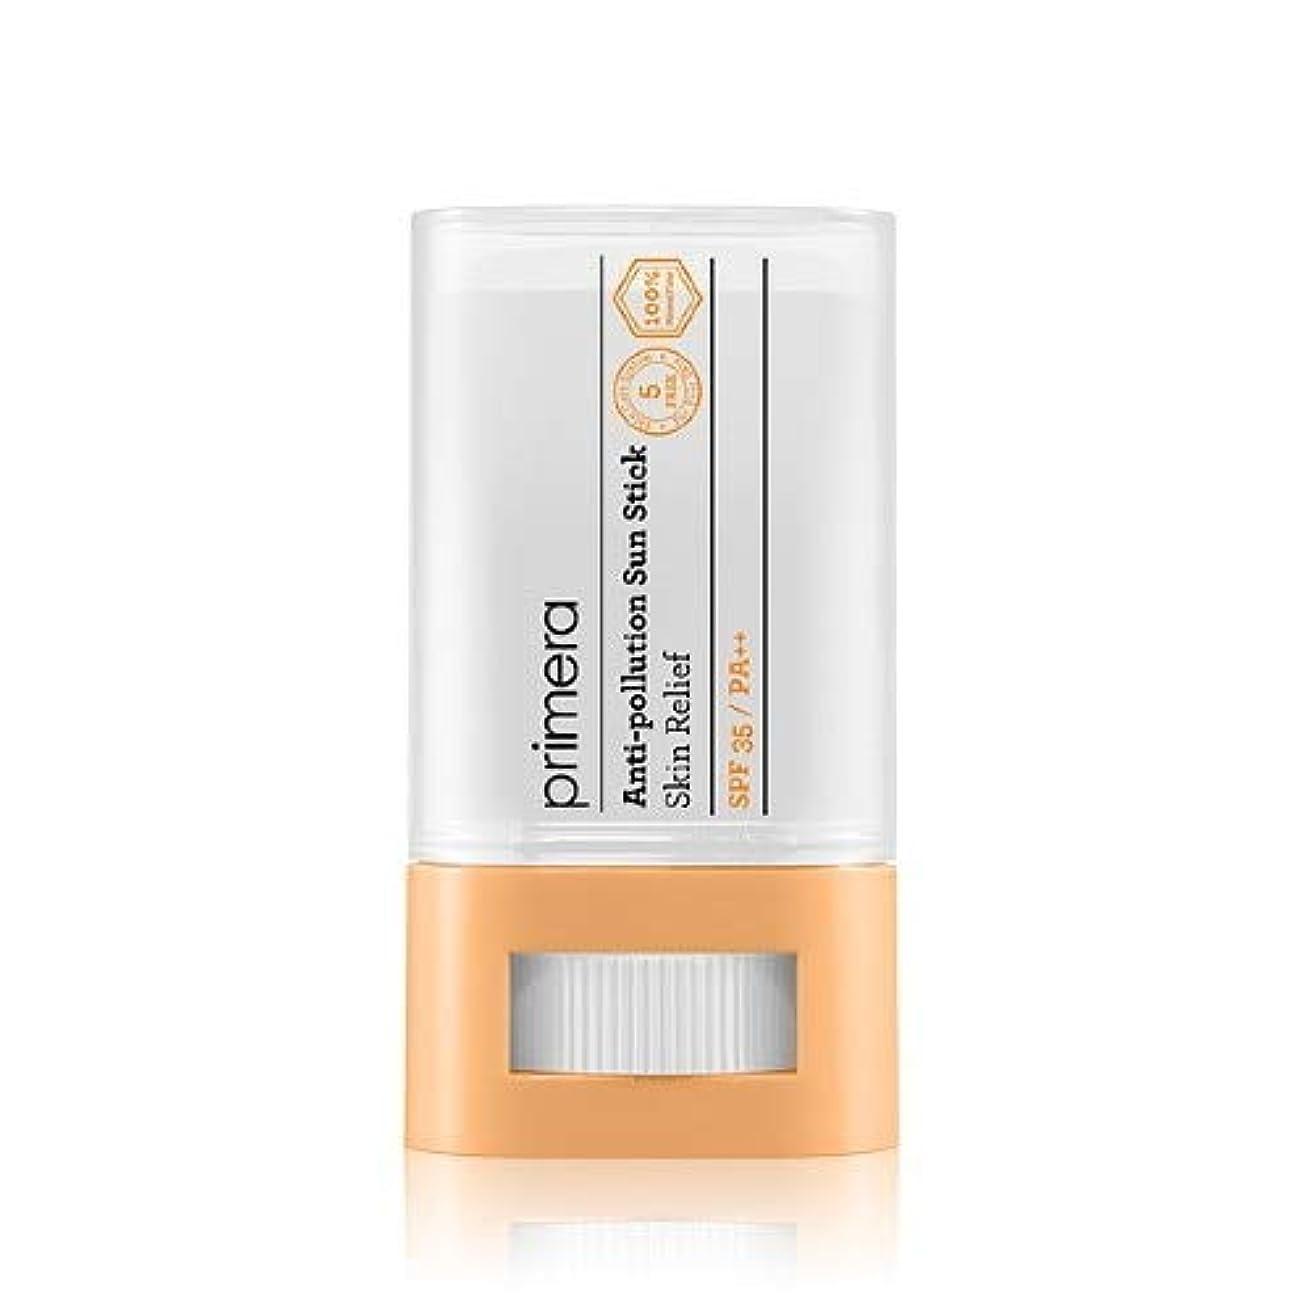 ドラムアクチュエータ部分的PRIMERA プリメラ Skin Relief Anti-pollution Sun Stick サンスティック 16g, SPF35 PA++ 韓国日焼け止め